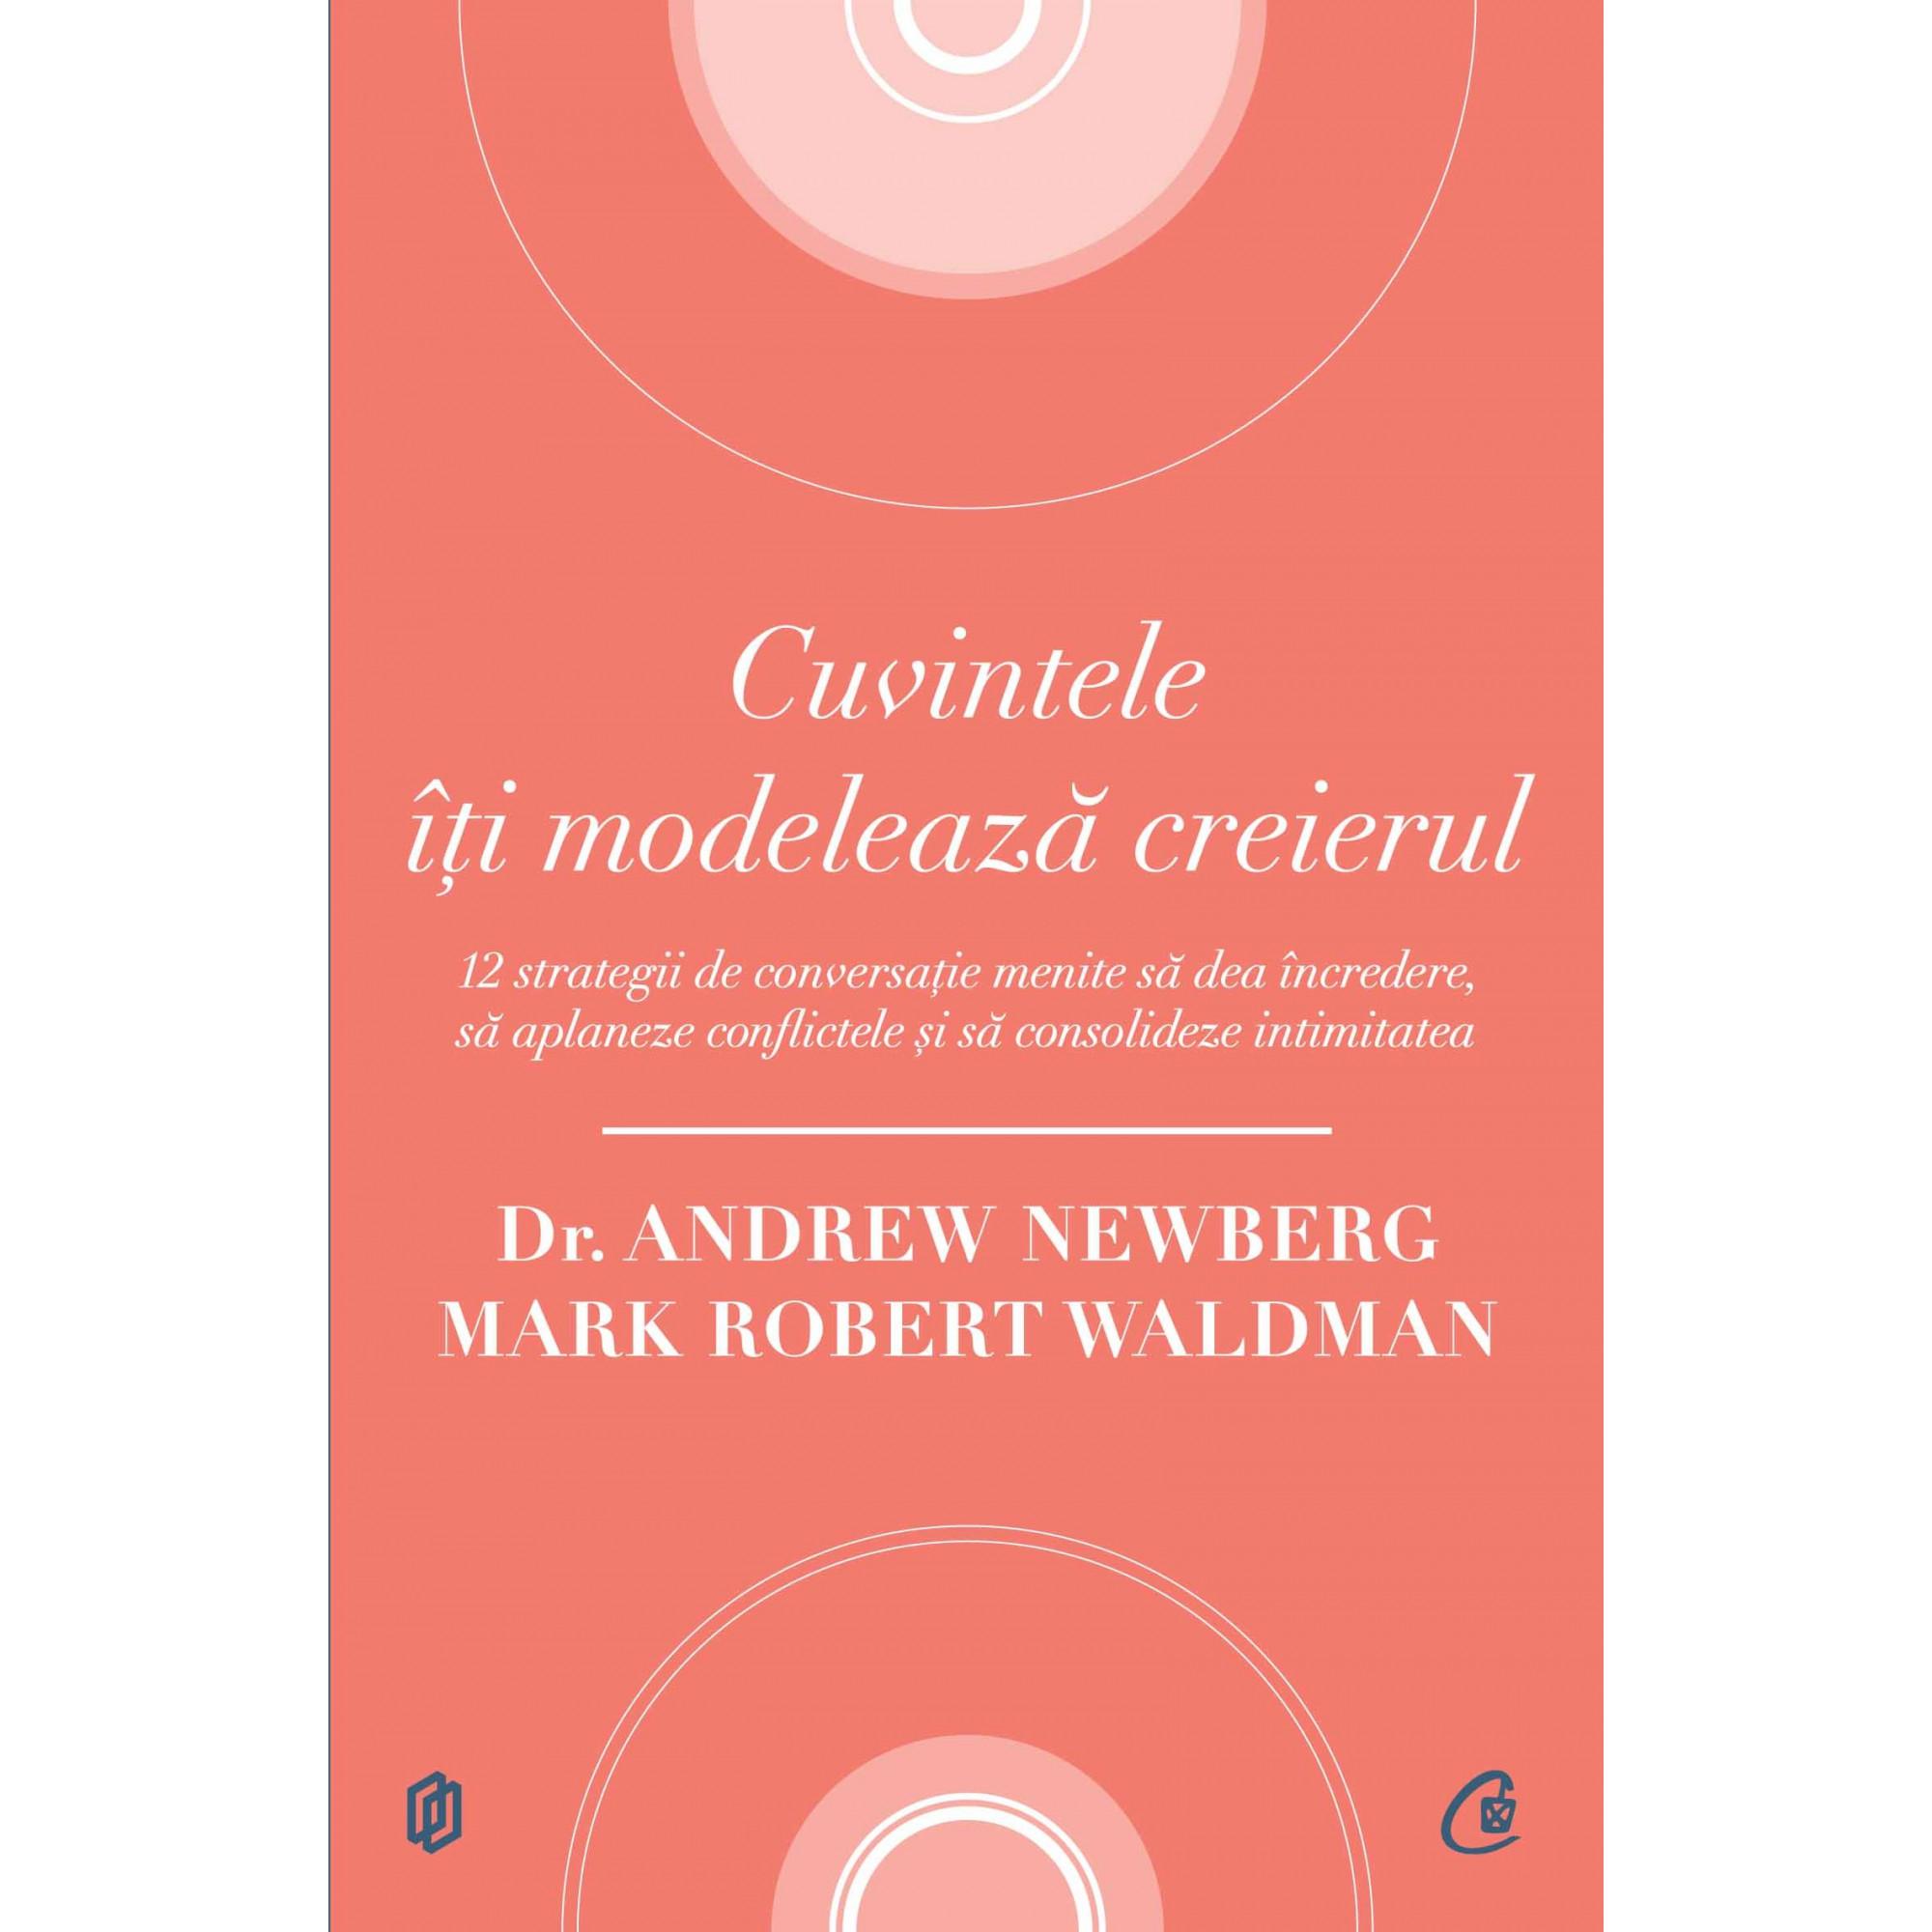 Cuvintele îți modelează creierul. 12 strategii de conversație menite să dea încredere, să aplaneze conflictele și să consolideze intimitatea; Dr. Andrew Newberg, Mark Robert Waldman